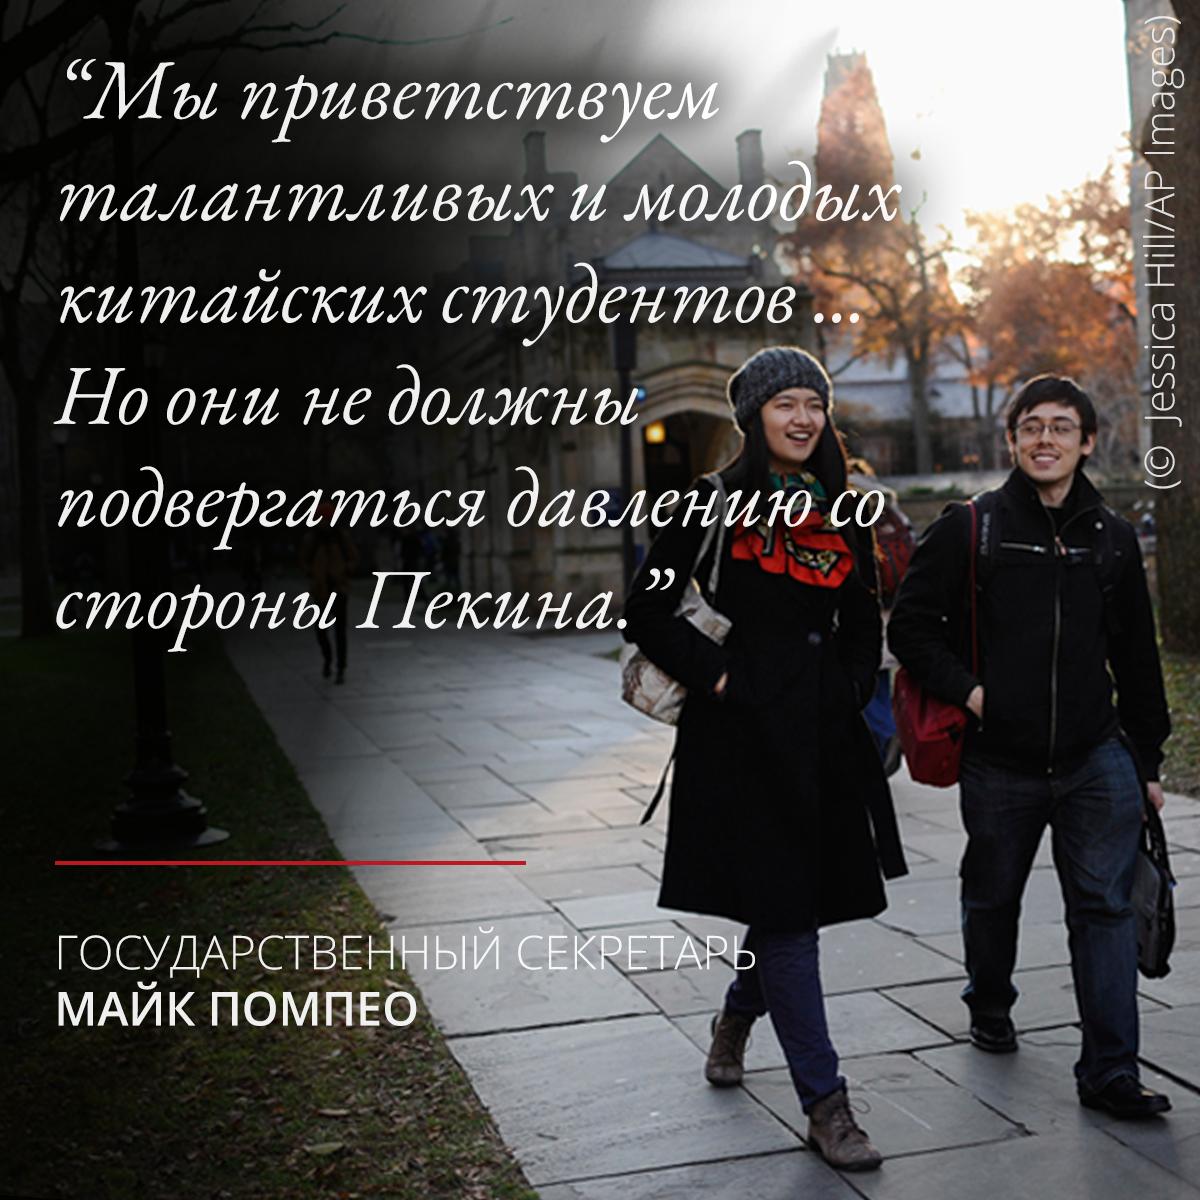 Фотография двух гуляющих студентов и цитата Помпео об академической свободе (© Jessica Hill/AP Images)